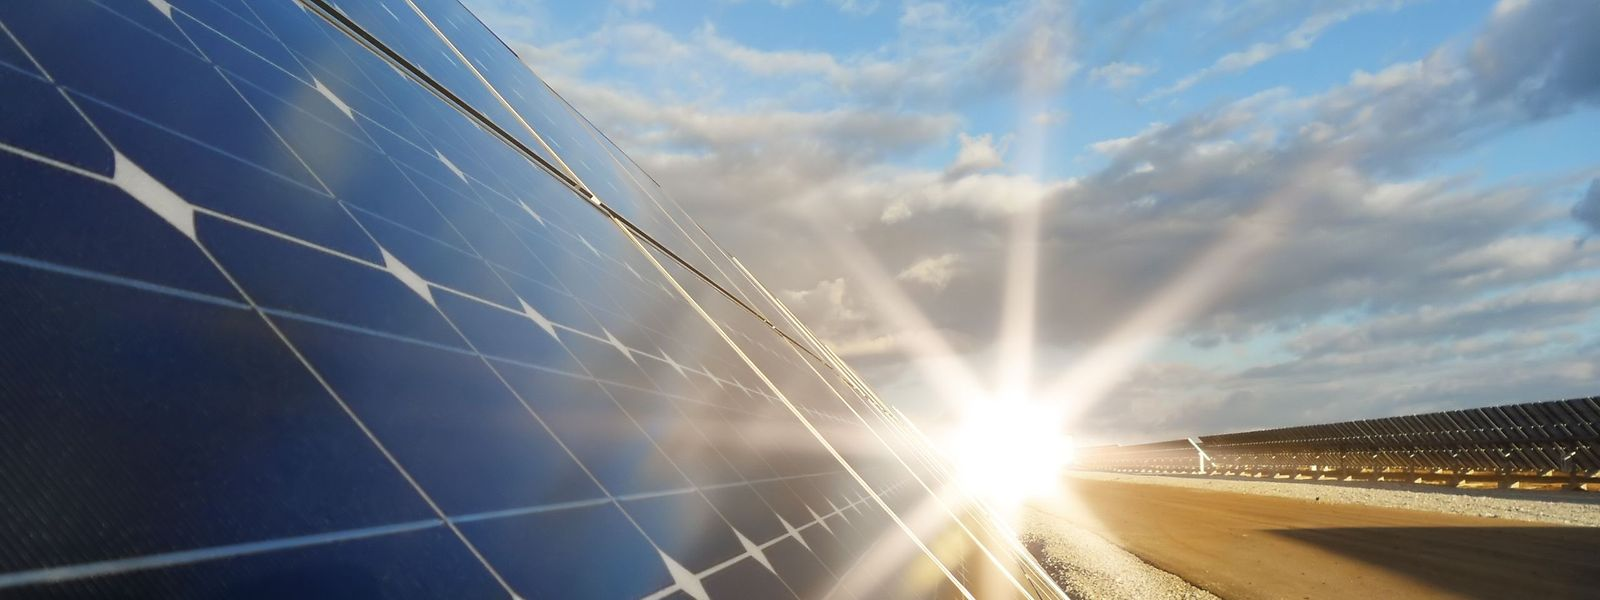 Solarenergie soll nach den Plänen der deutschen Bundesregierung stärker gefördert werden.